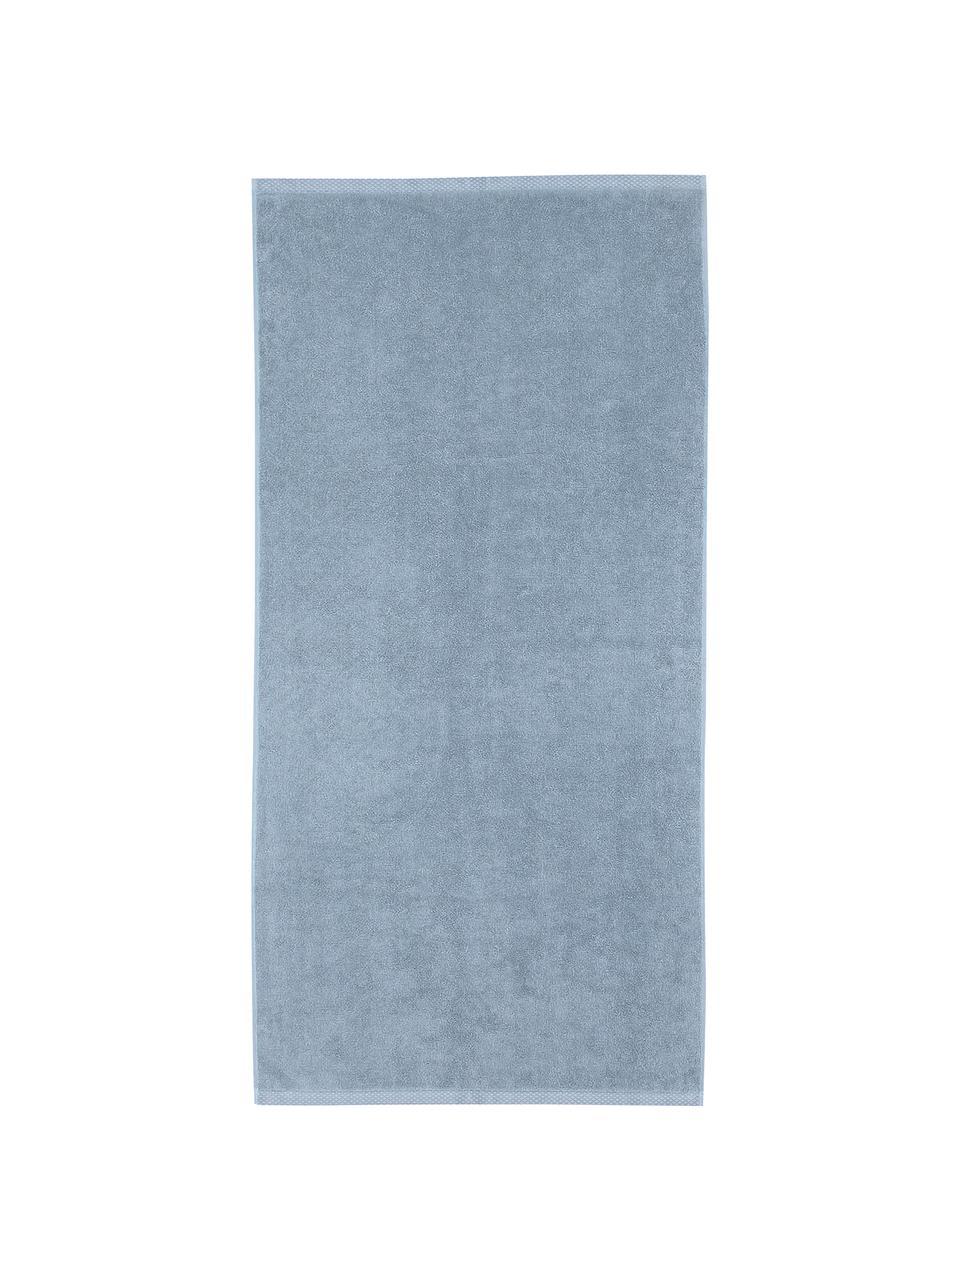 Set 3 asciugamani in tinta unita Comfort, Azzurro, Set in varie misure